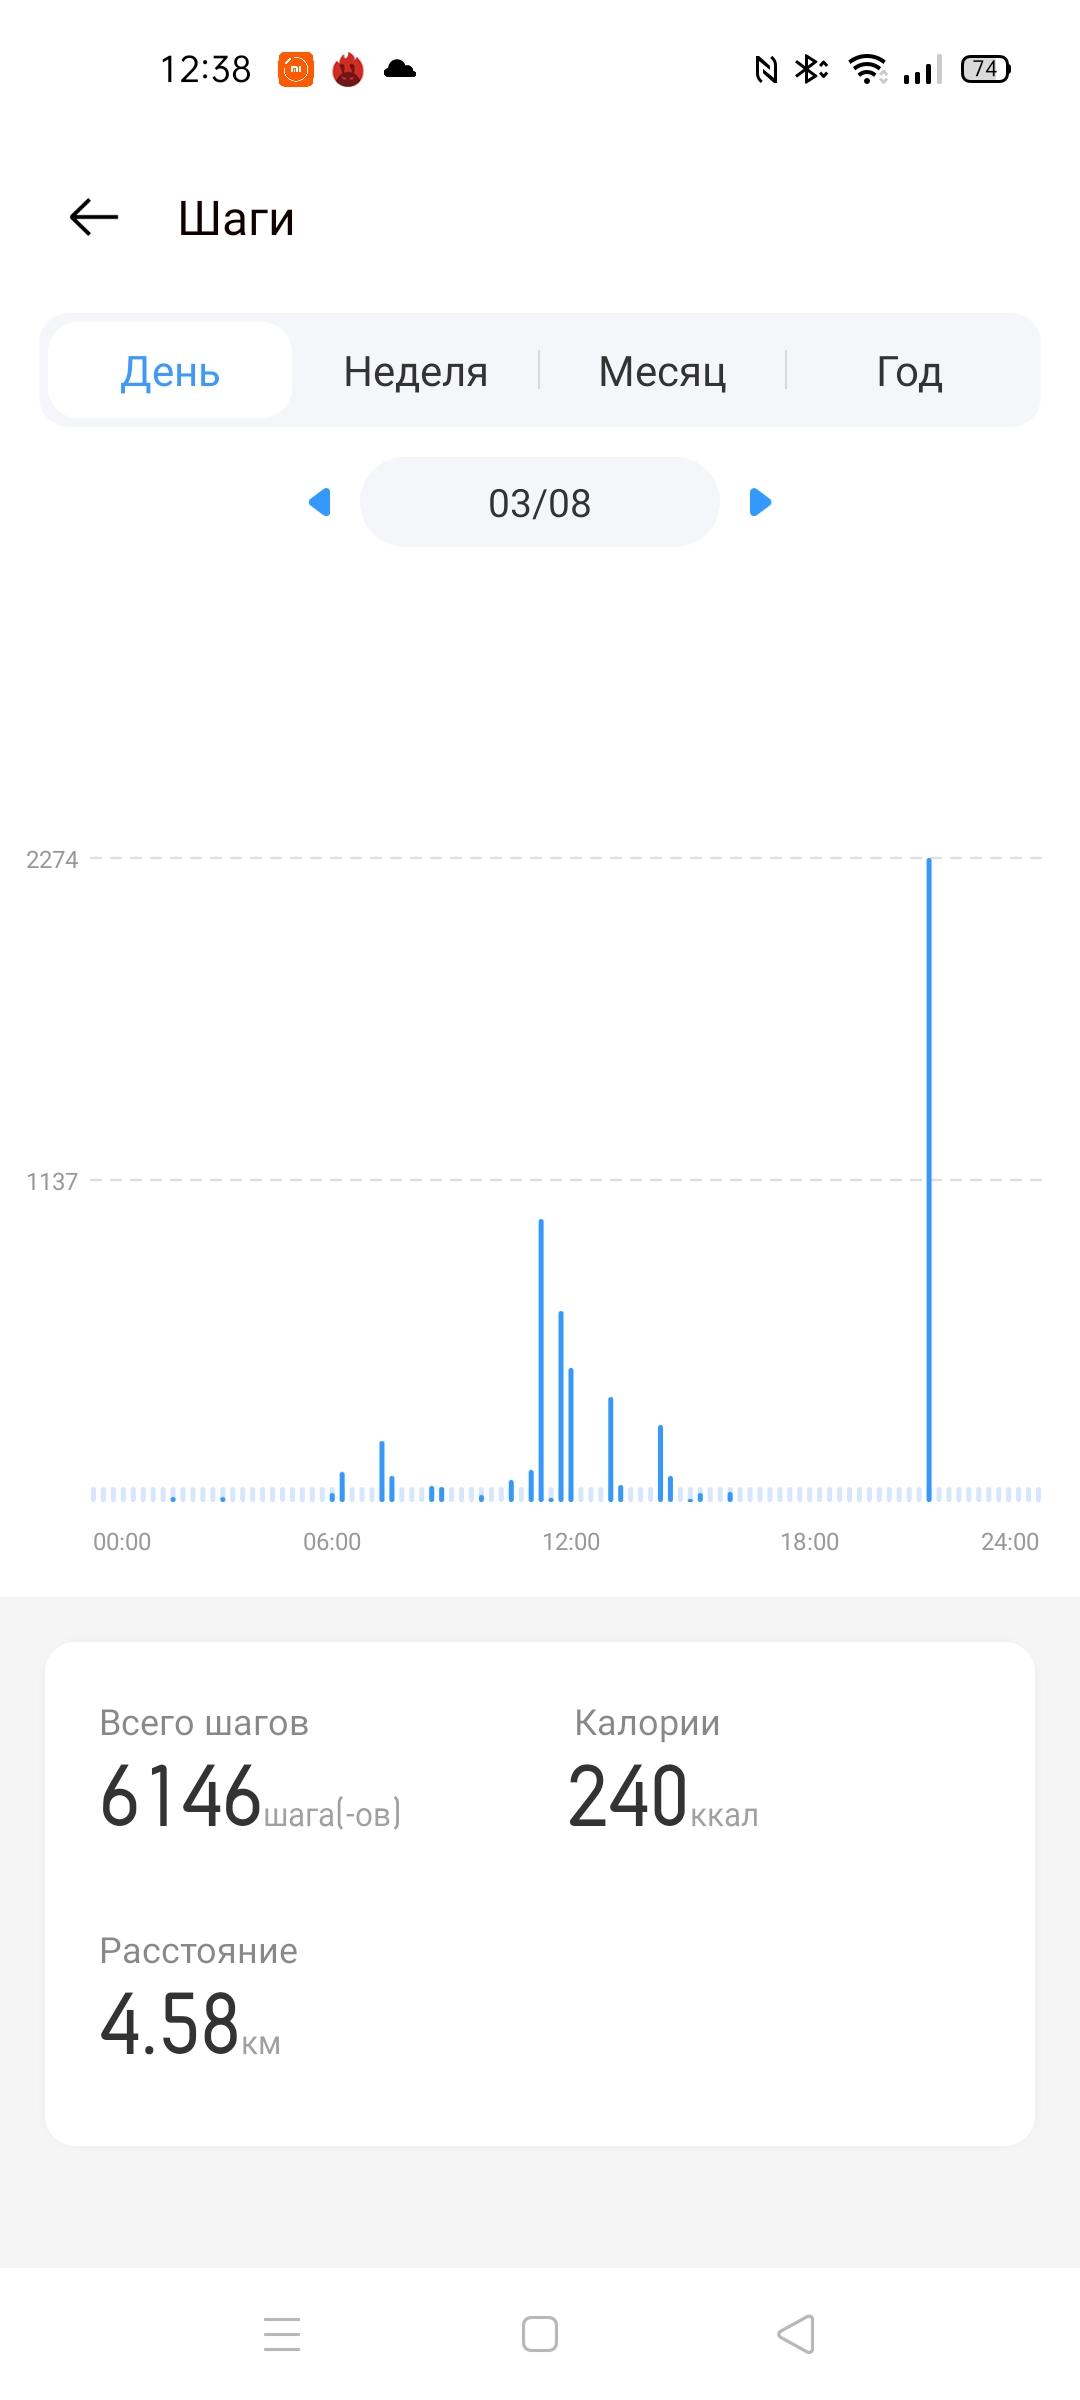 Ежедневная активность